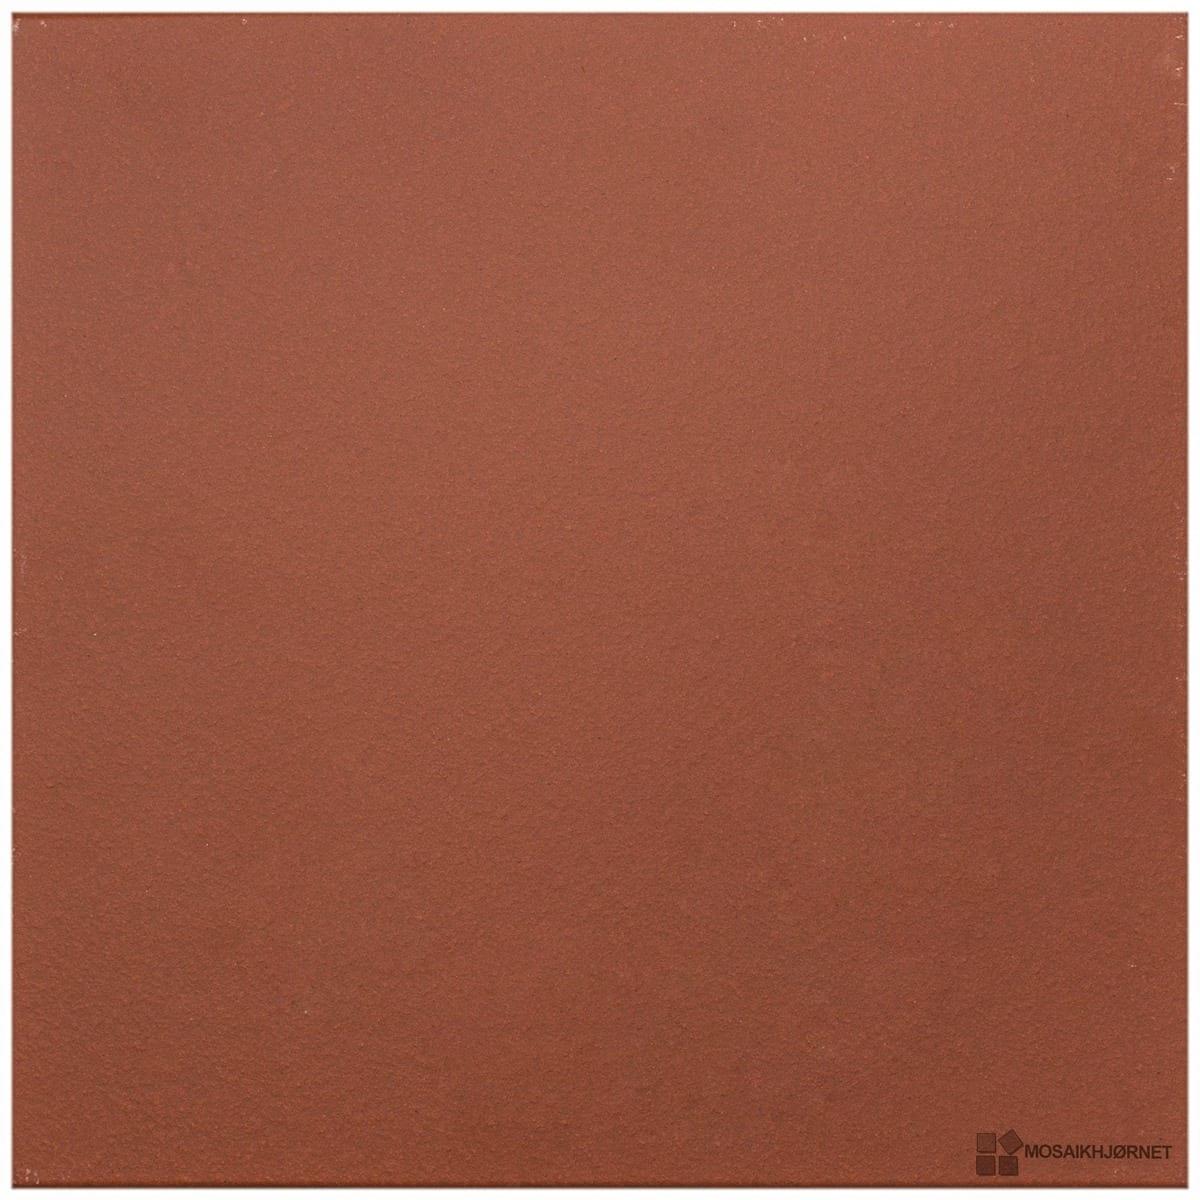 uglaseret rød 24x24 - mosaikhjørnet - fliser, klinker og mosaik til